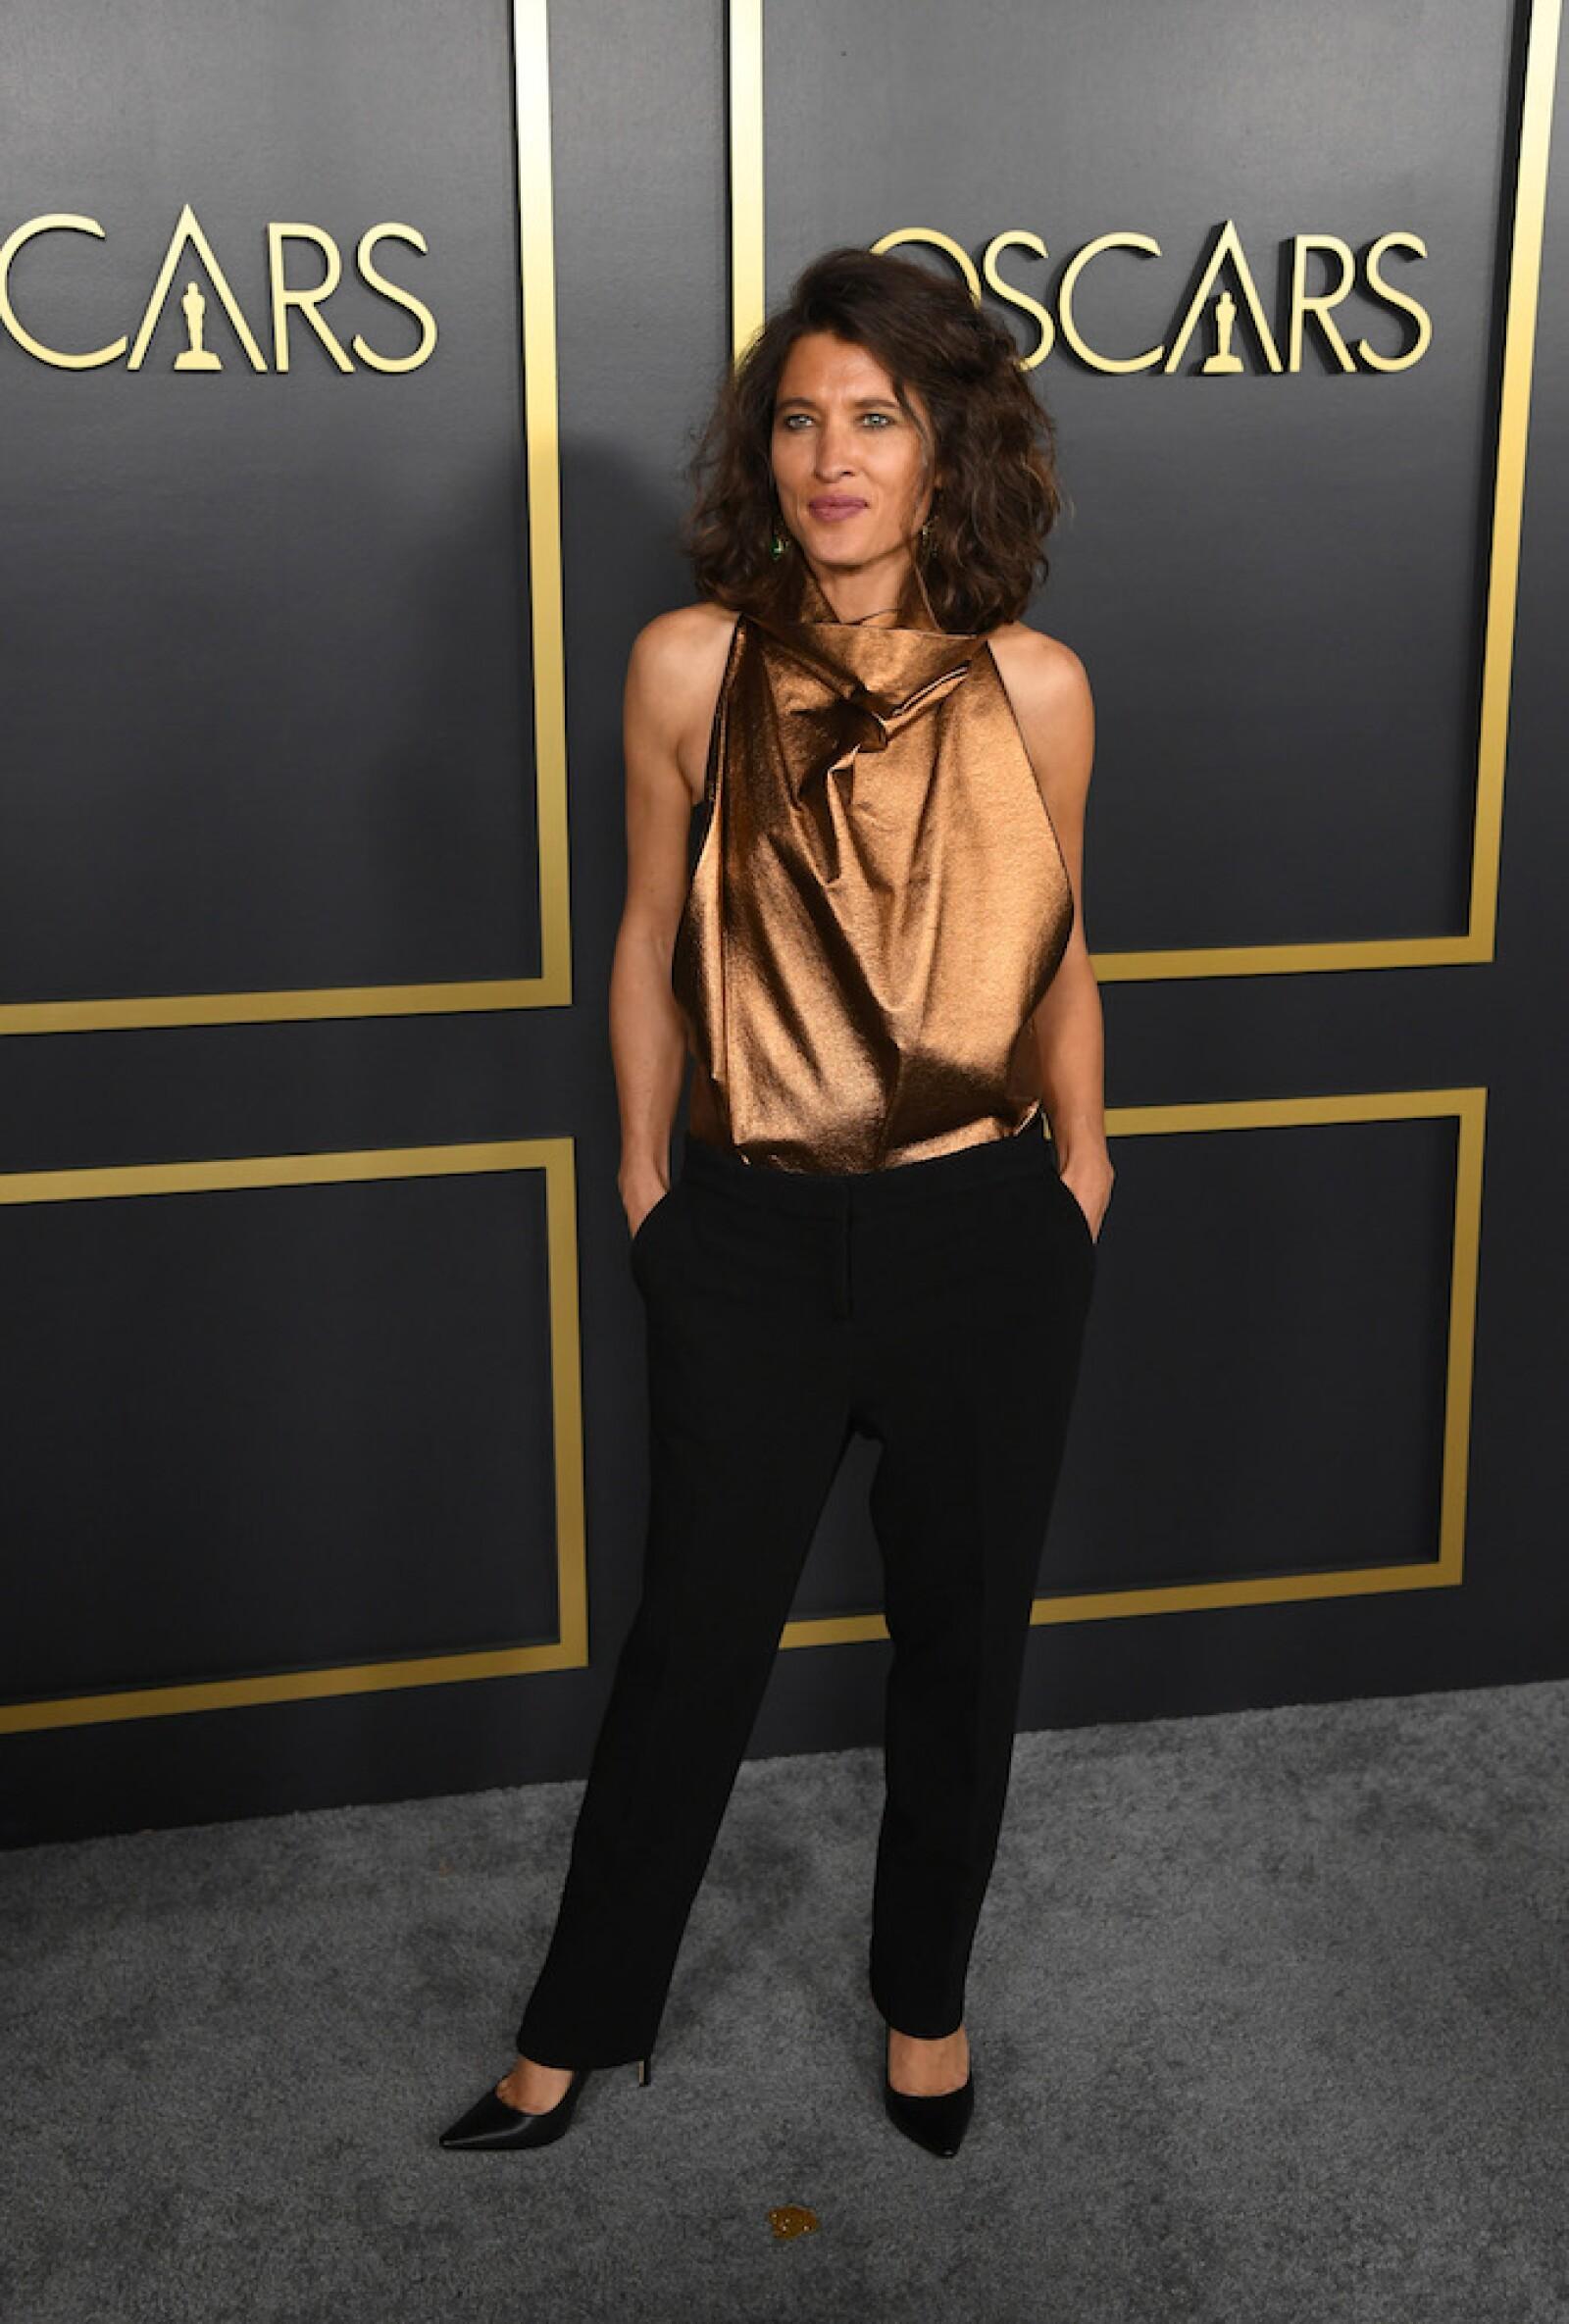 Chelsea Winstanley llevó un top corte halter en color dorado que combinó con unos pantalones sastre negros y pointy shoes